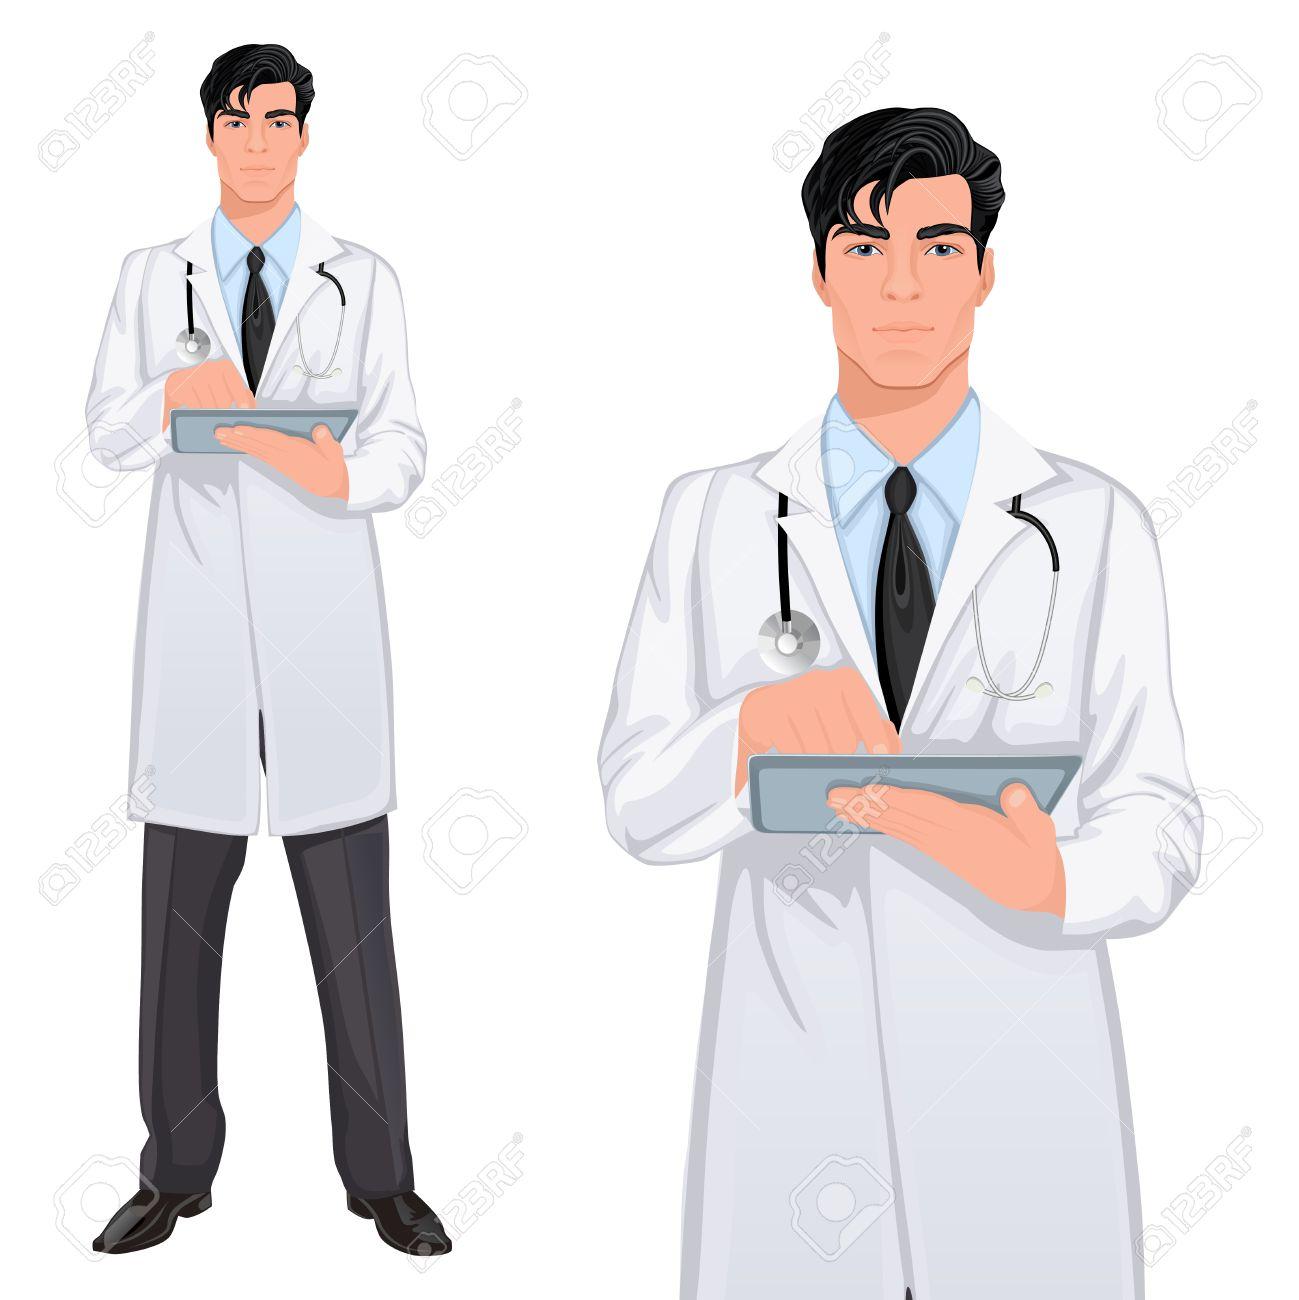 Famoso Asistente Médico Adorno - Imágenes de Anatomía Humana ...